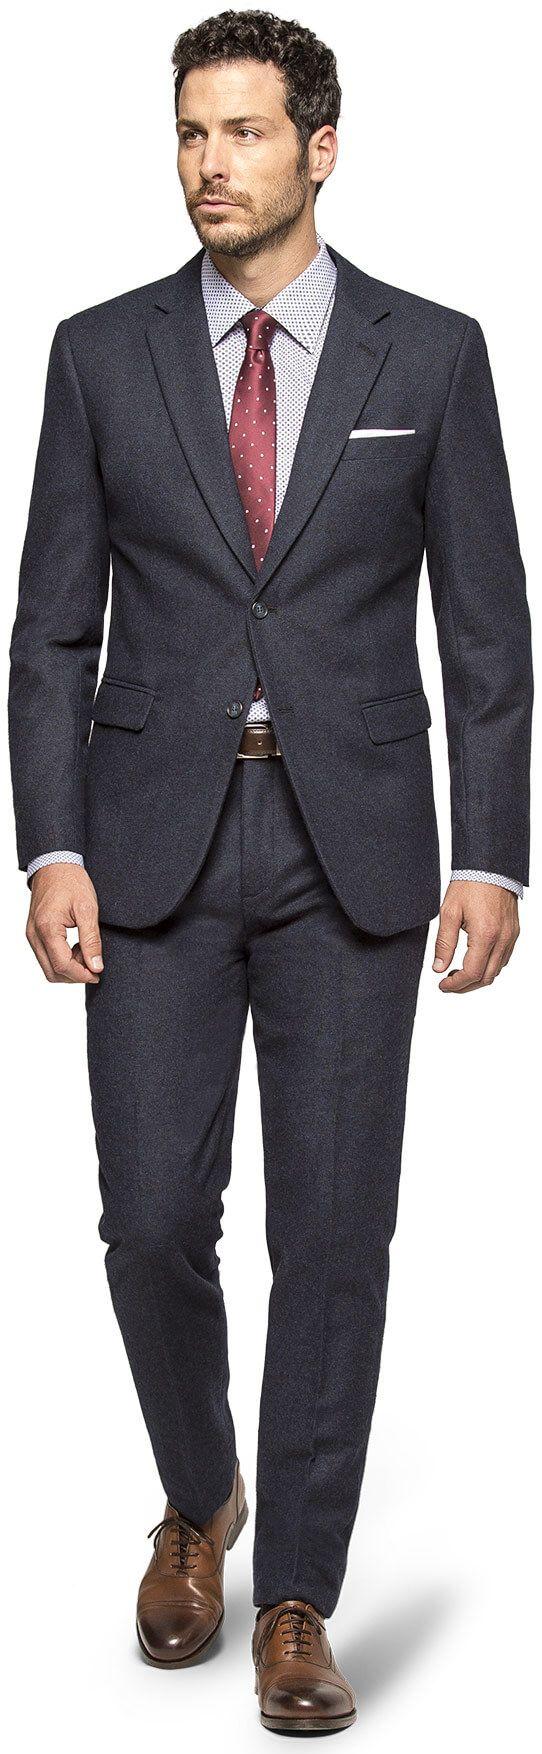 25  best ideas about Mens gray suit on Pinterest | Grey suits ...